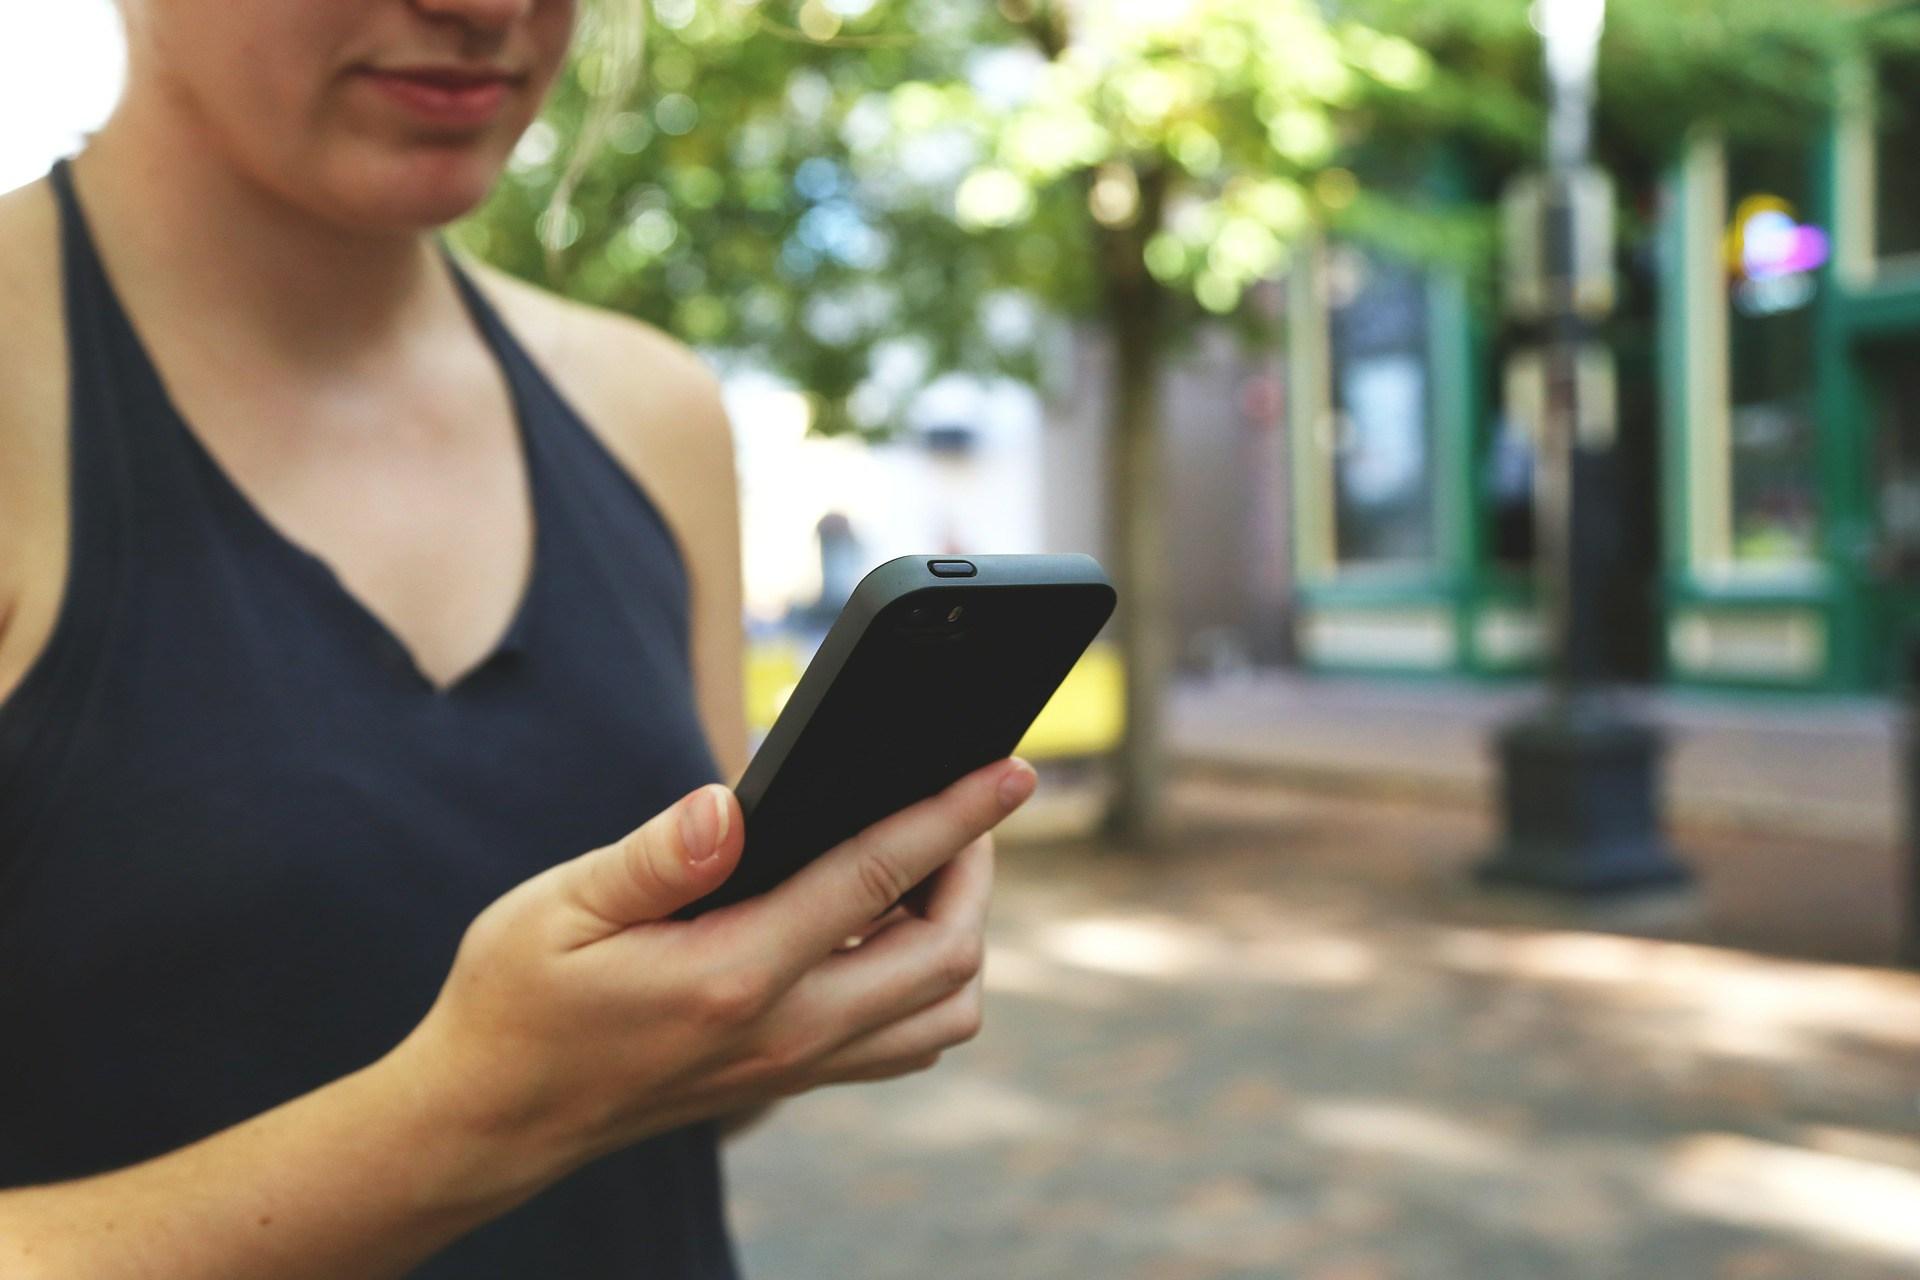 Come caricare il cellulare: consigli utili per una batteria in salute